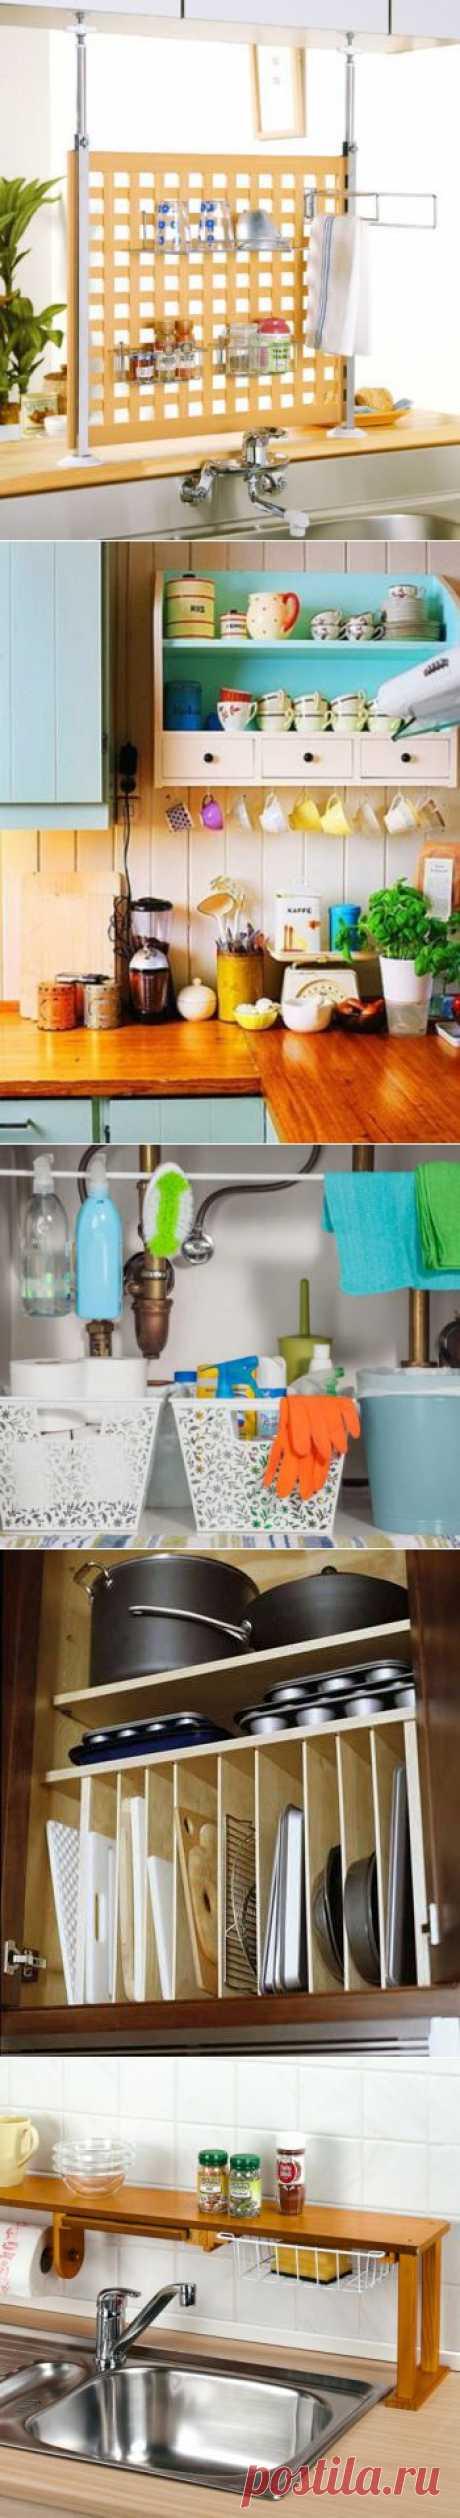 Идеи хранения для кухни | МОЙ ДОМ